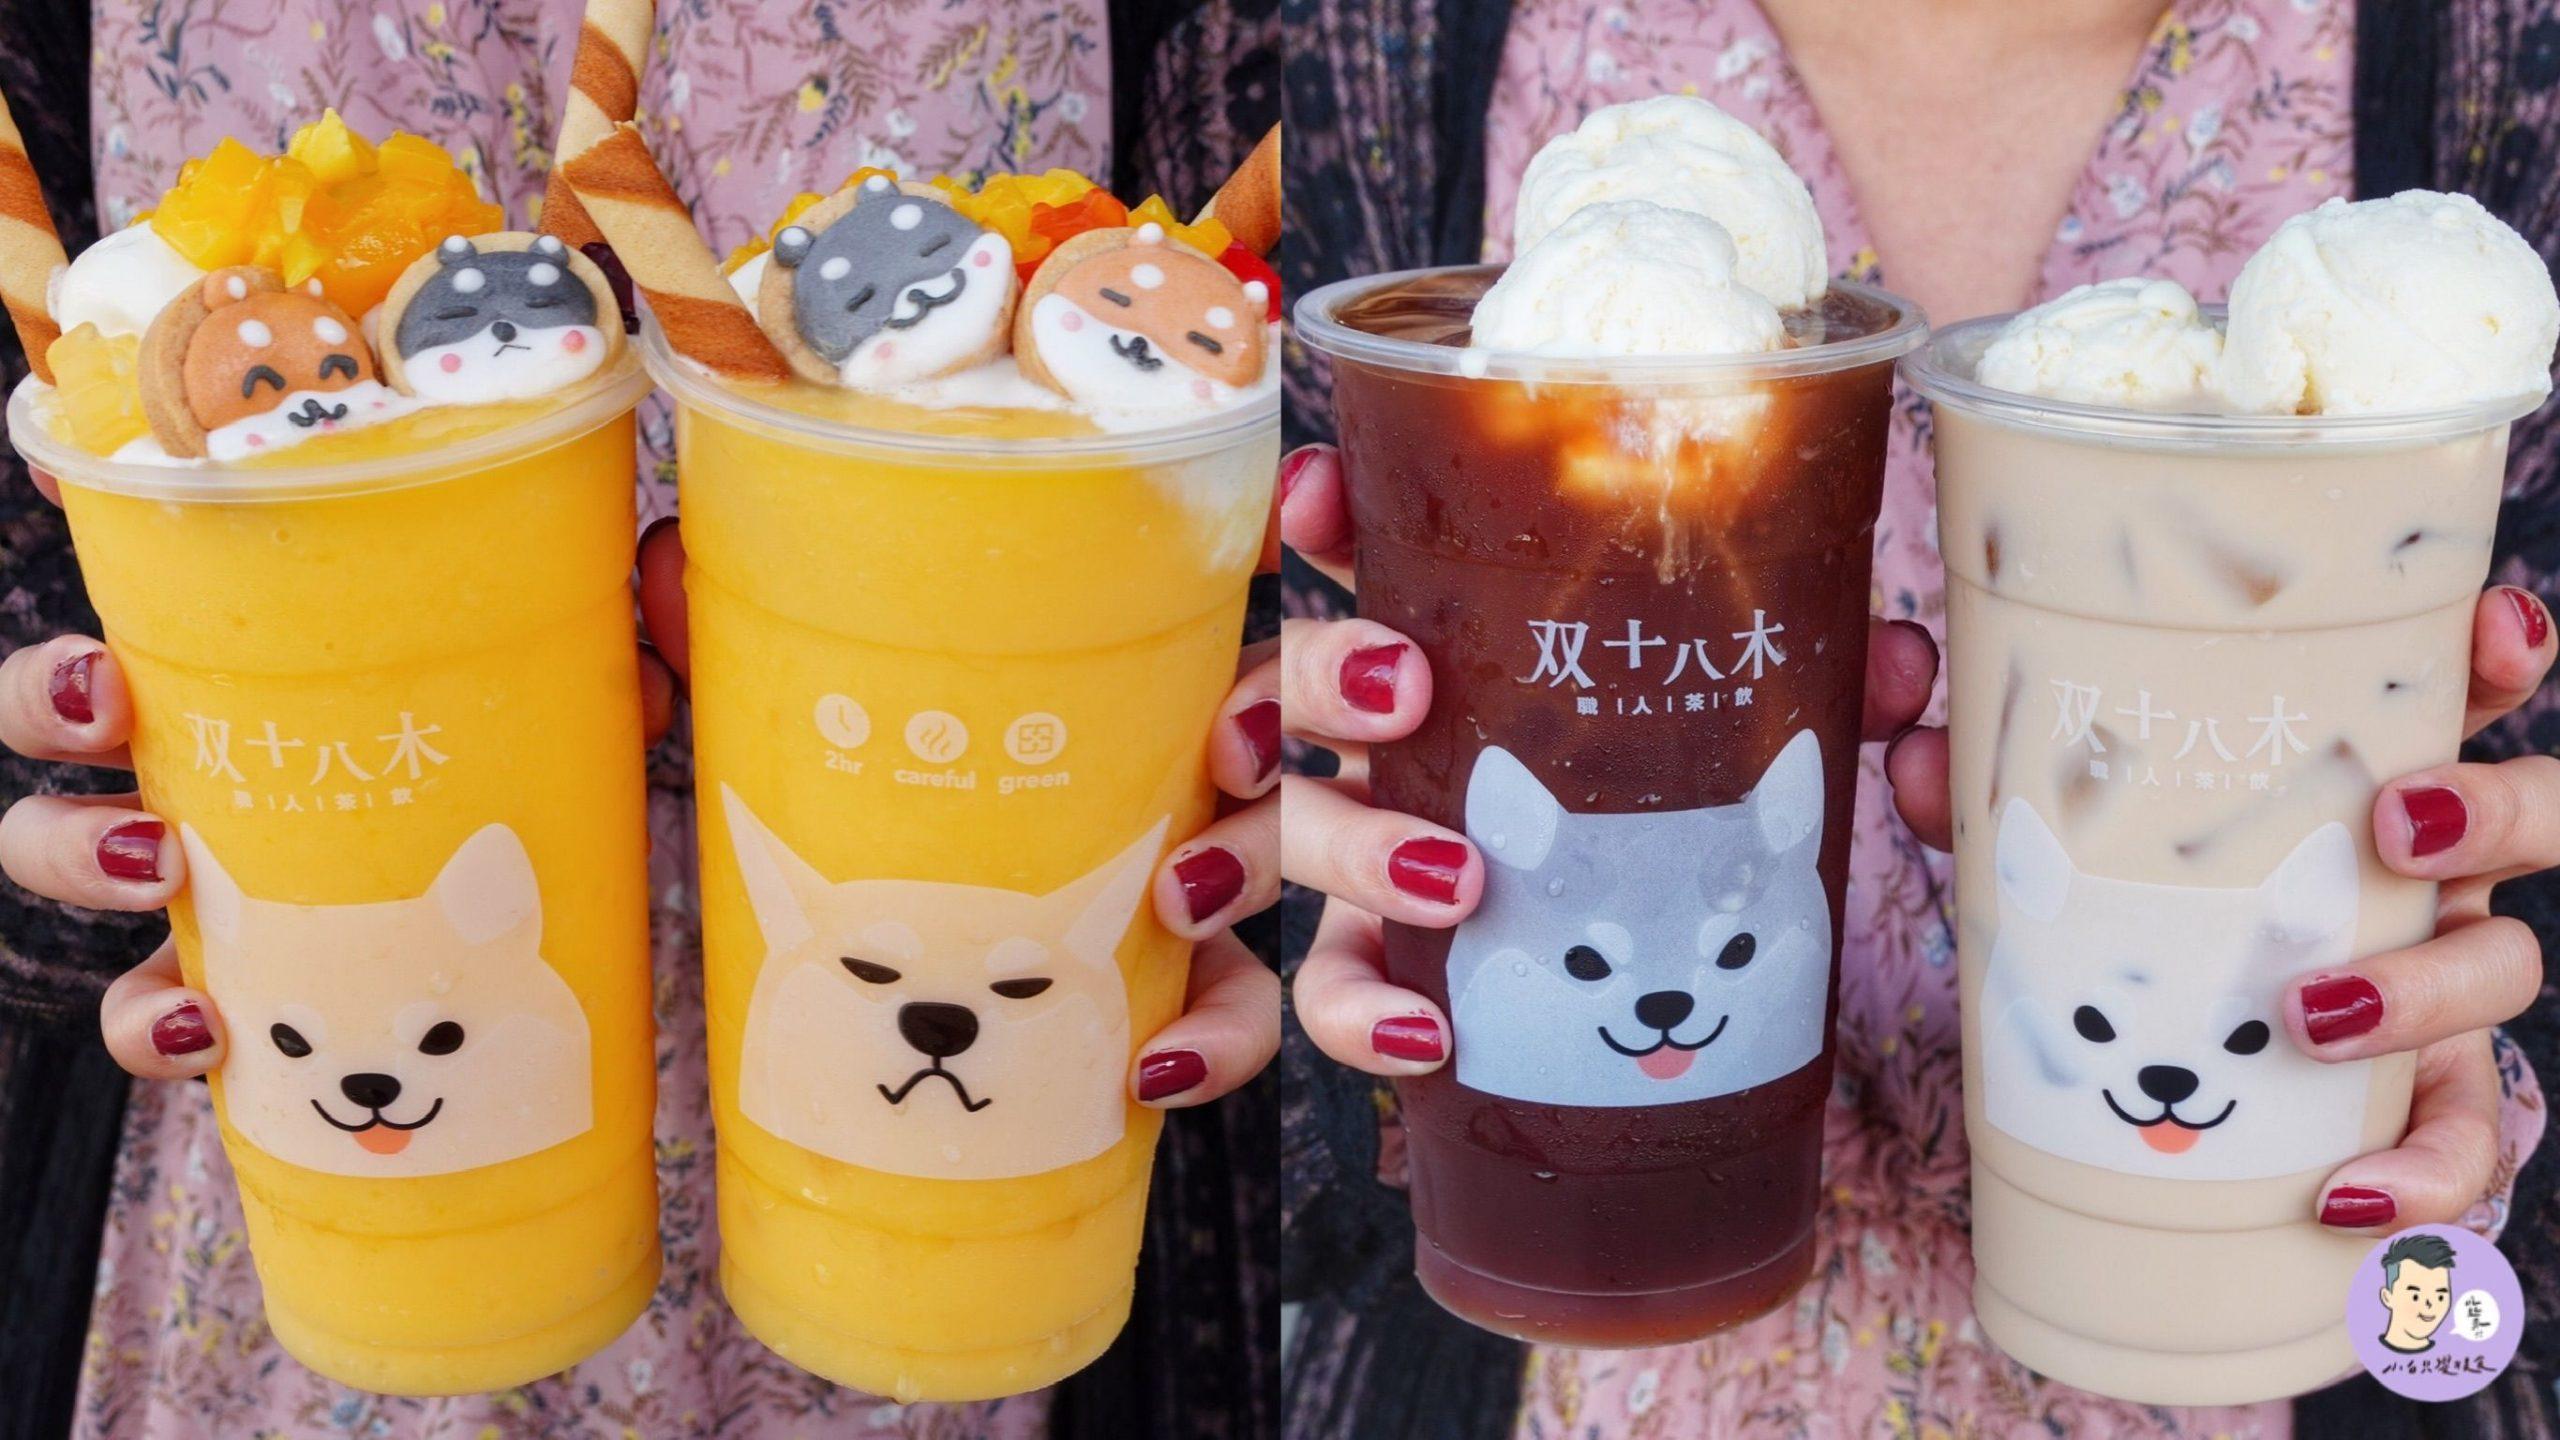 【台南美食】双十八木職人茶飲 七月限定!超Q萌柴柴芒果冰